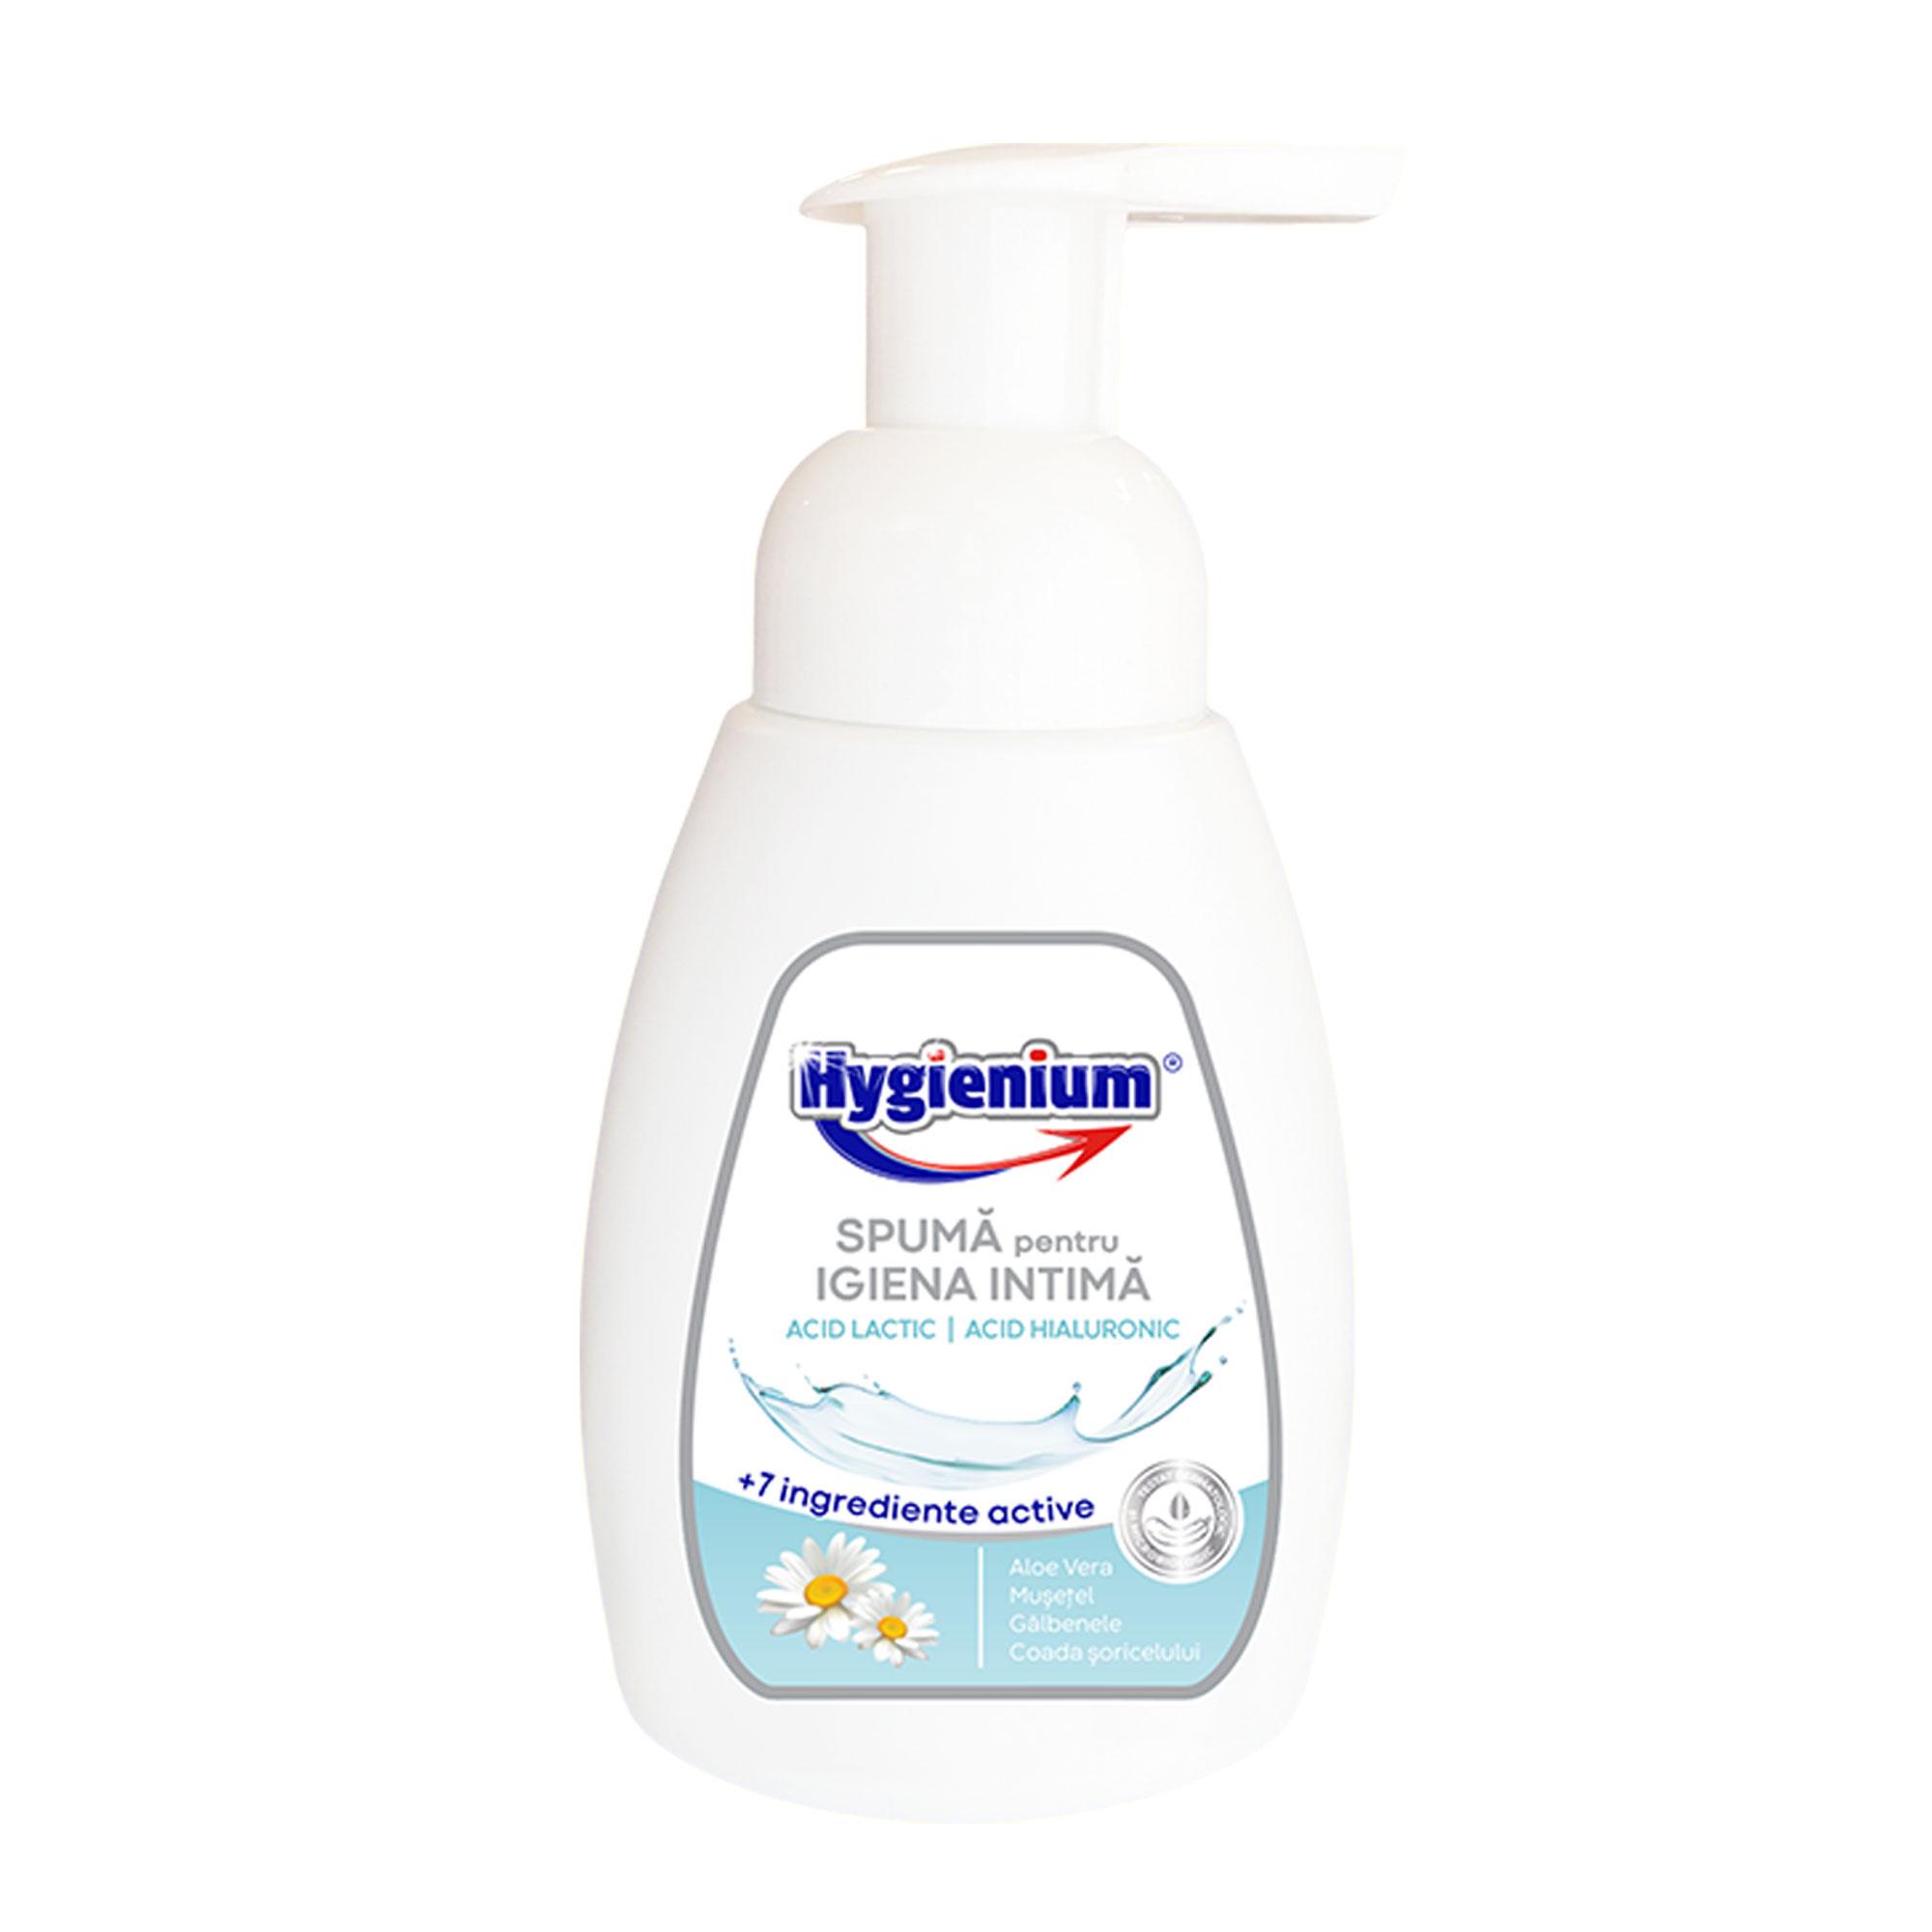 Hygienium Spuma pentru igiena intima